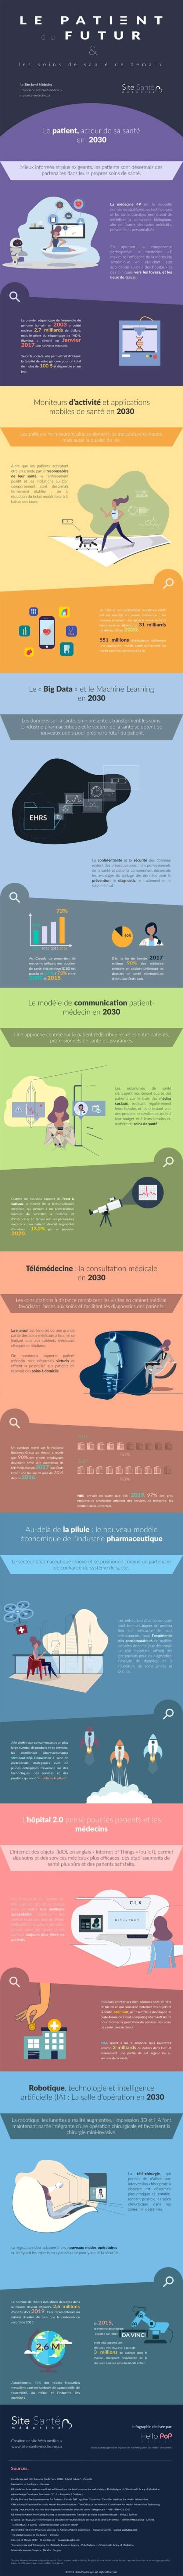 Infographie - Le patient du futur et les soins de santé de demain